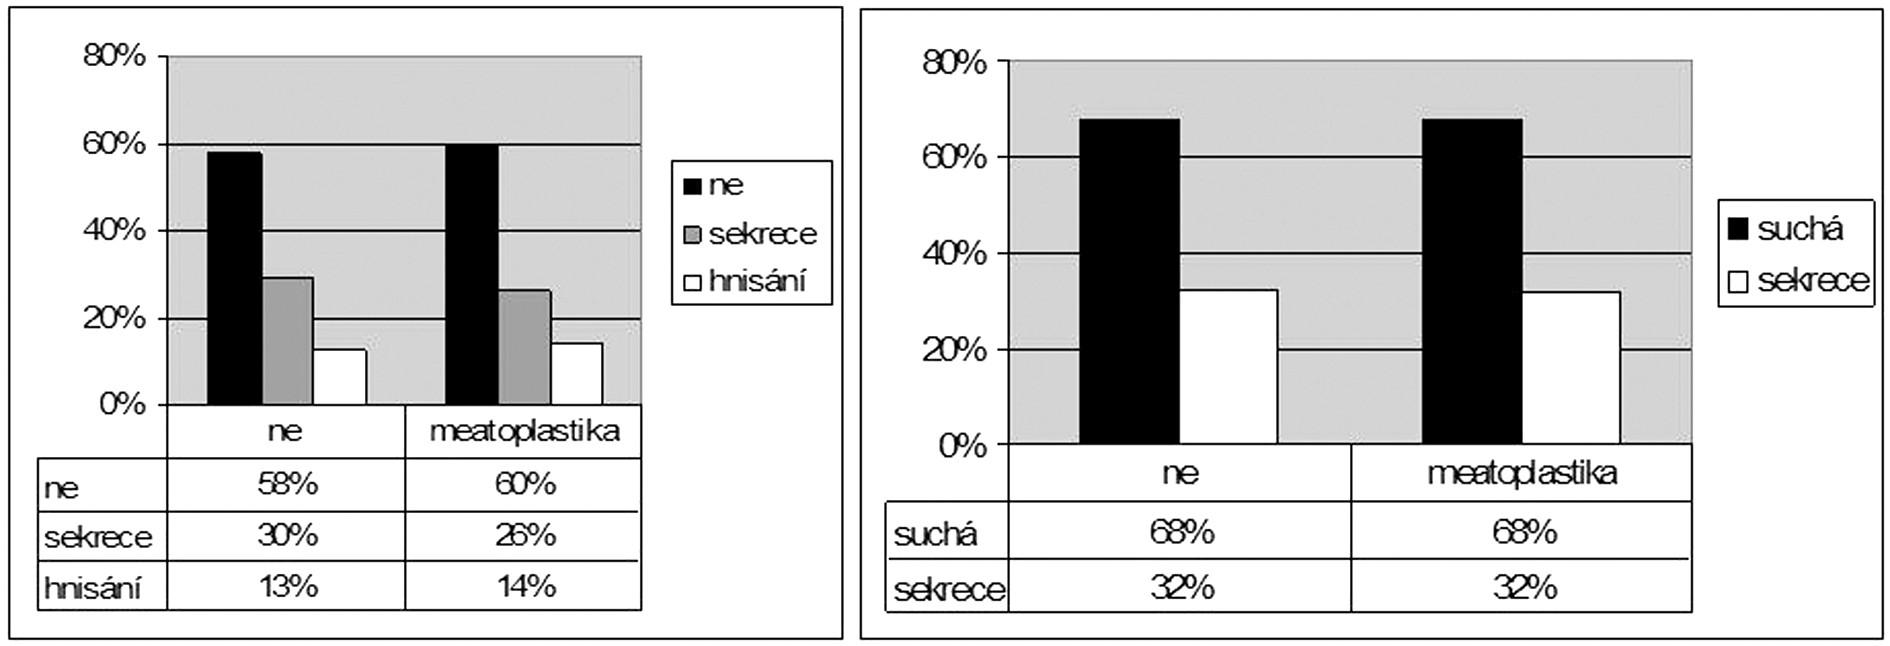 Časné hojení a stav ucha (trepanační dutiny) v dlouhodobém sledování podle meatoplastiky.